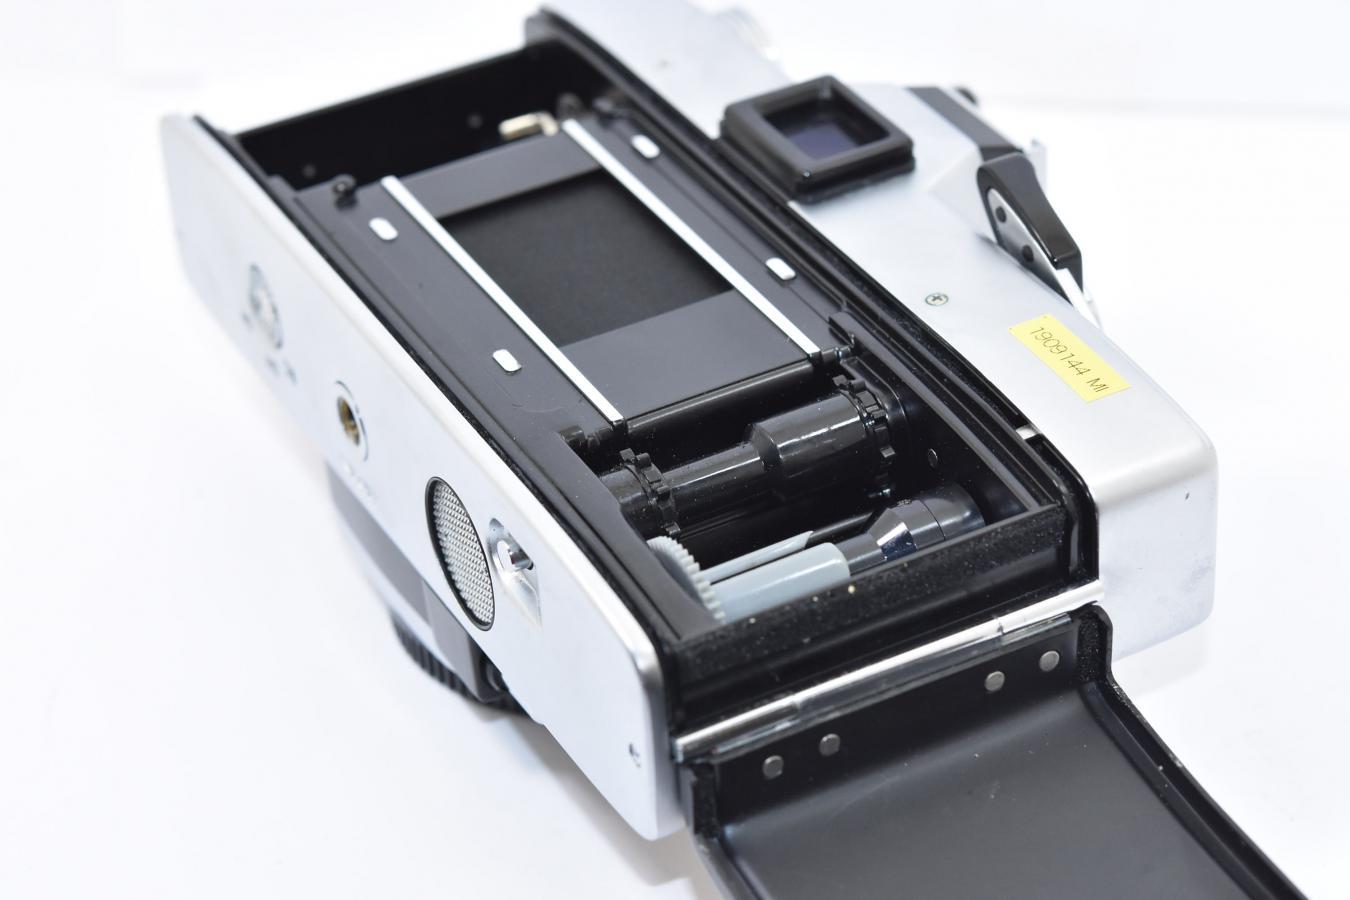 【リメイクカメラ】 minolta SRT101 【モルト交換済】